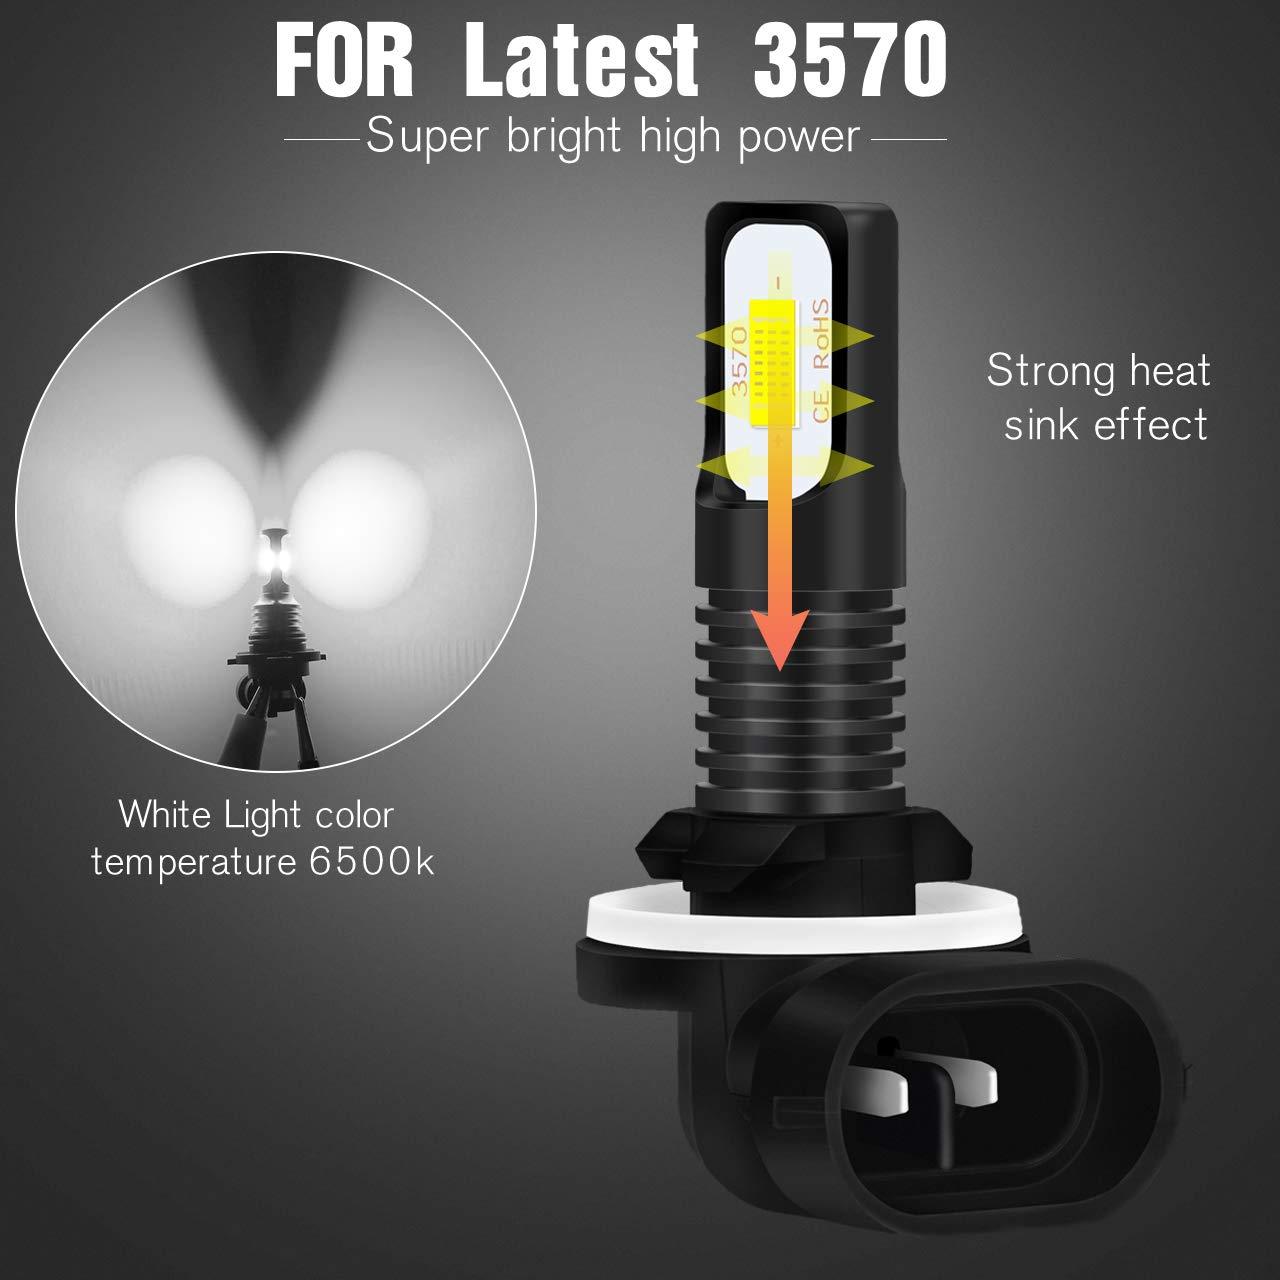 KaTur H3 Bombillas para Luces antiniebla LED Extremadamente Brillantes 2400 l/úmenes M/áx Xen/ón Blanco Blanco H3 LED de Alta Potencia de 75 vatios para luz Diurna DRL o Luces antiniebla